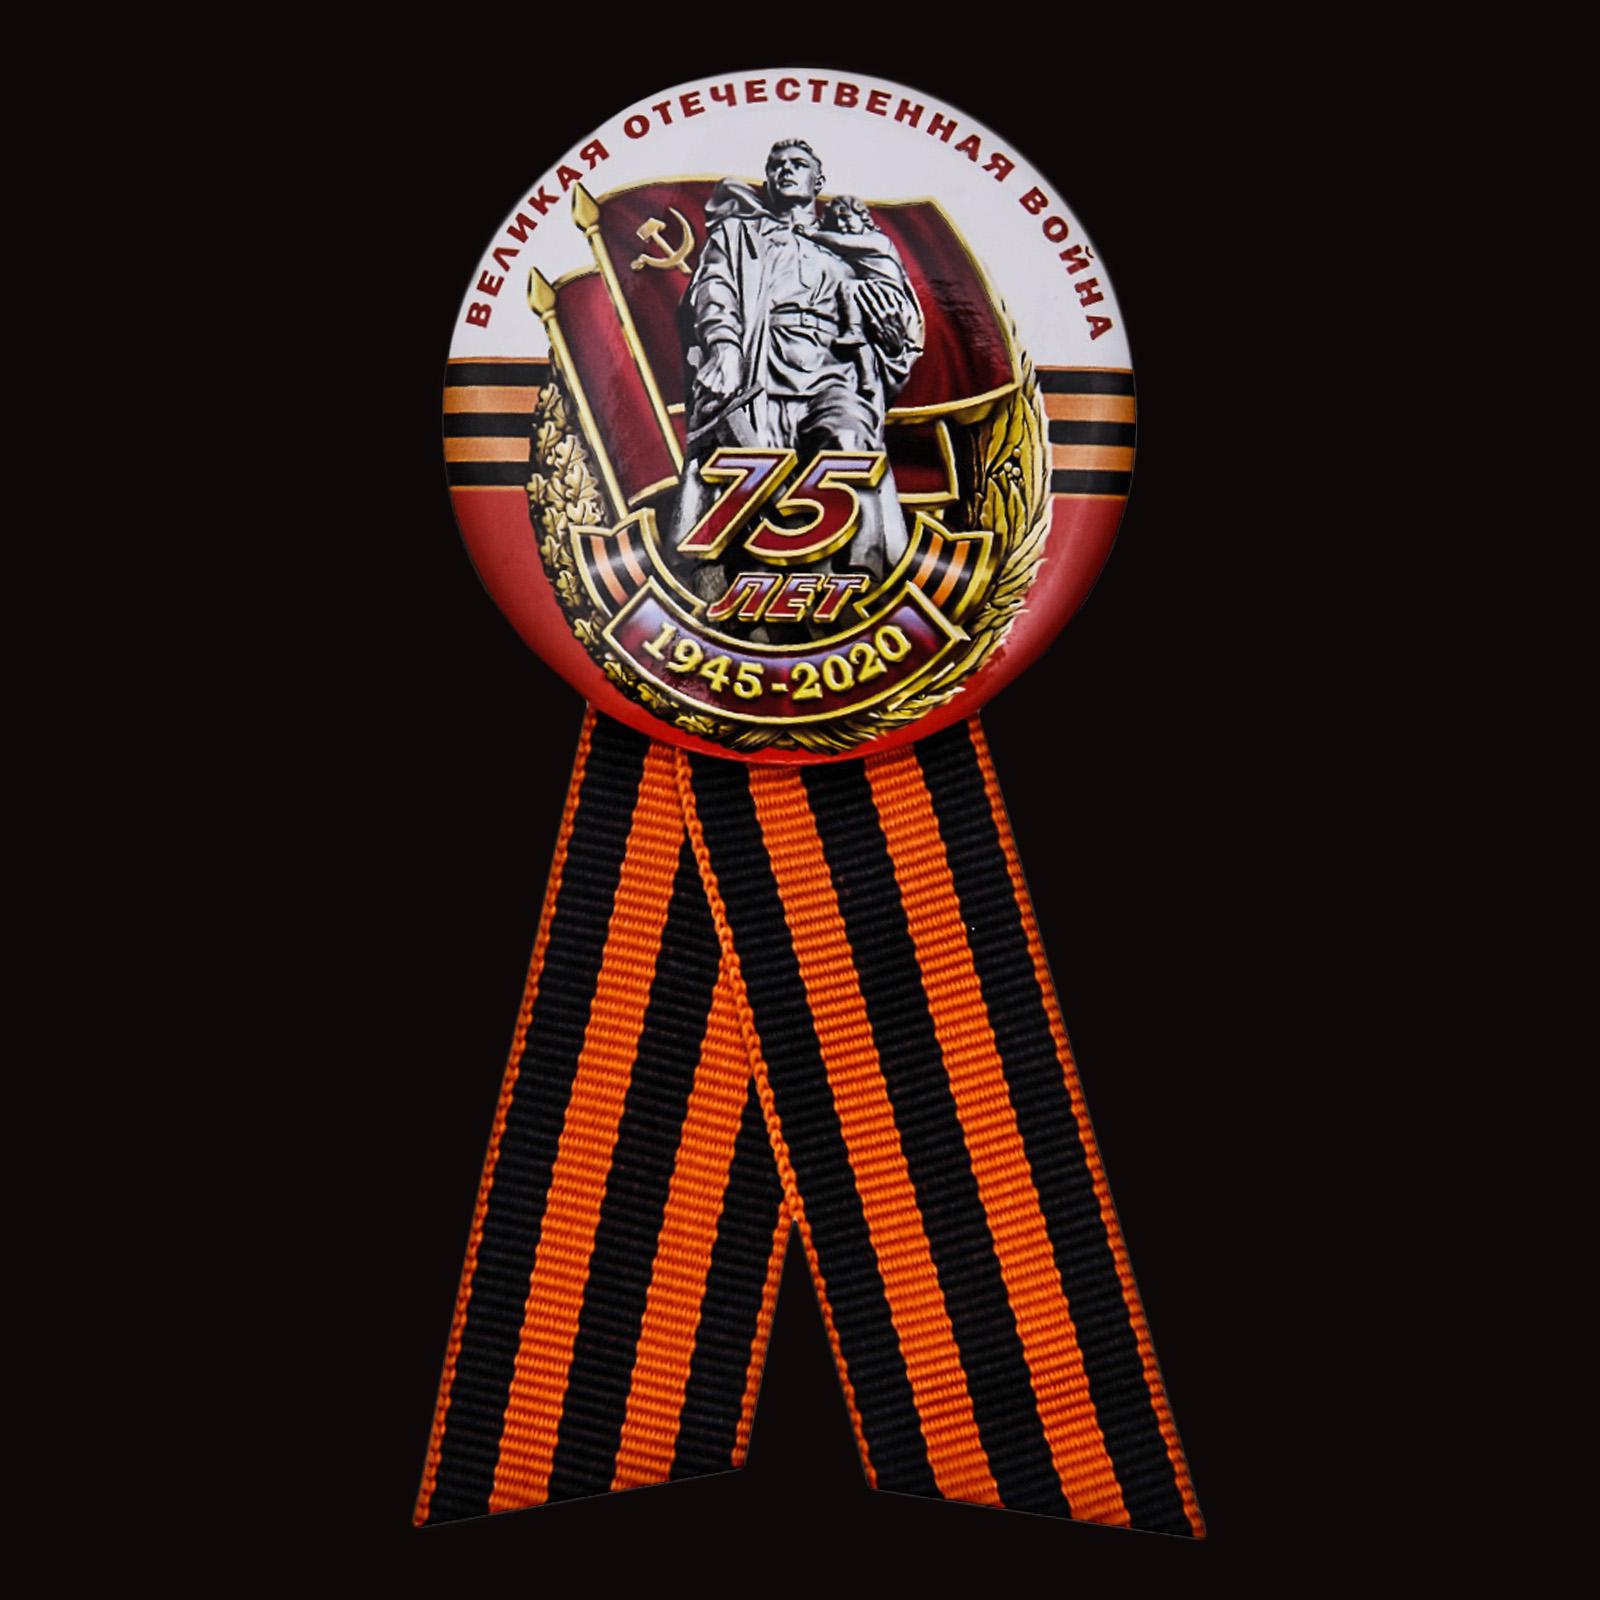 Памятный значок «75 лет Победы в Великой Отечественной войне. 1945-2020» в Военпро